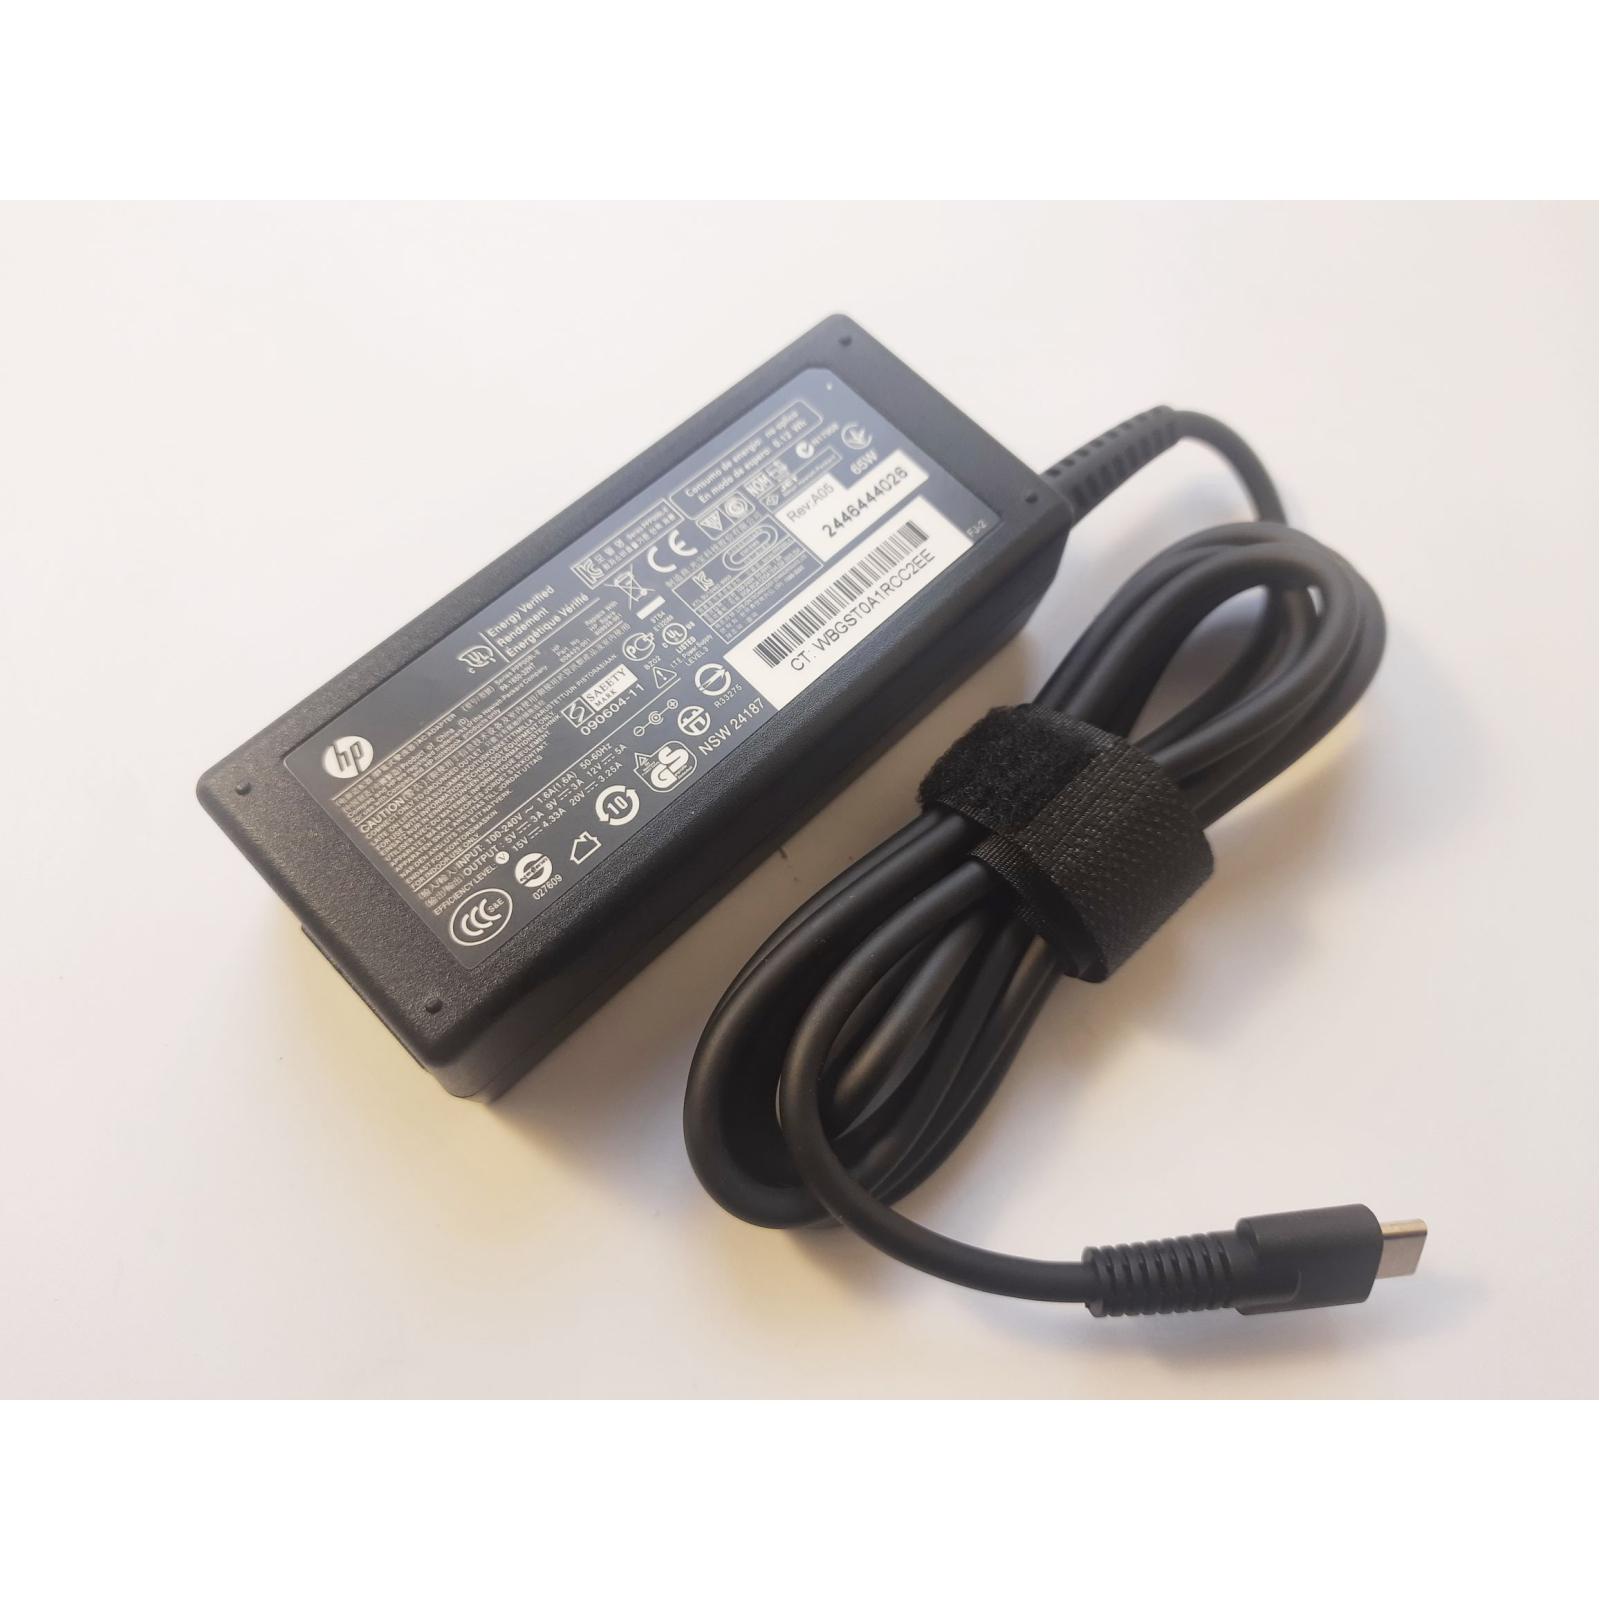 Блок питания к ноутбуку HP 65W 20V, 3.25A + 15V, 4.33A + 12V, 5A + 9V, 3A + 5V, 3A, раз (PPP009L-E / A40250)